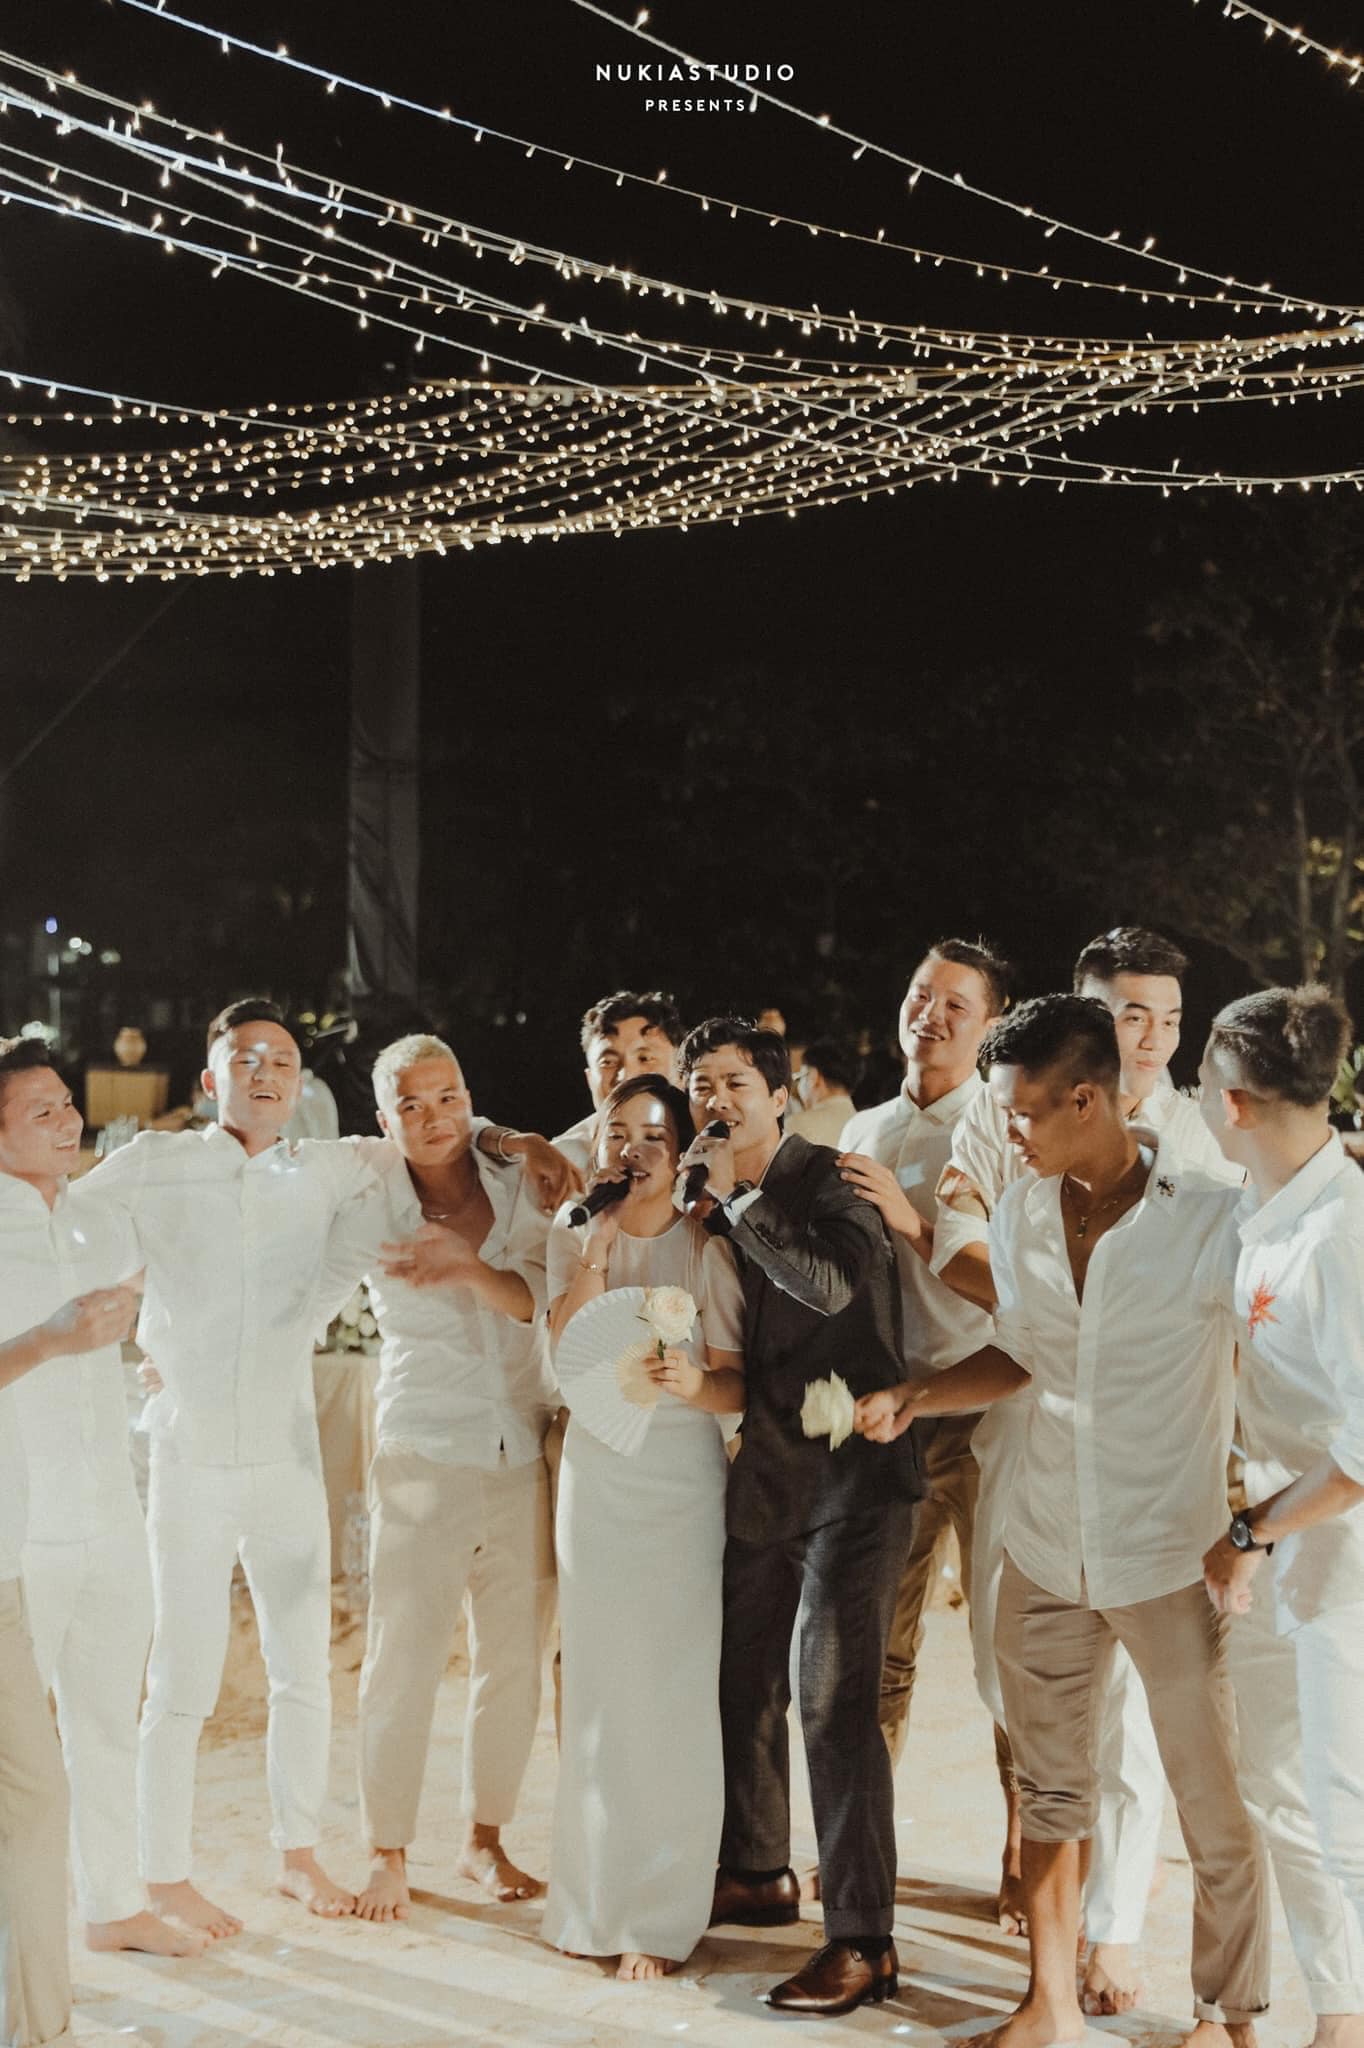 Công Phượng và Viên Minh song ca trong đám cưới: Cô dâu đi chân đất, chill đến mệt nhoài vẫn cực vui - Ảnh 2.